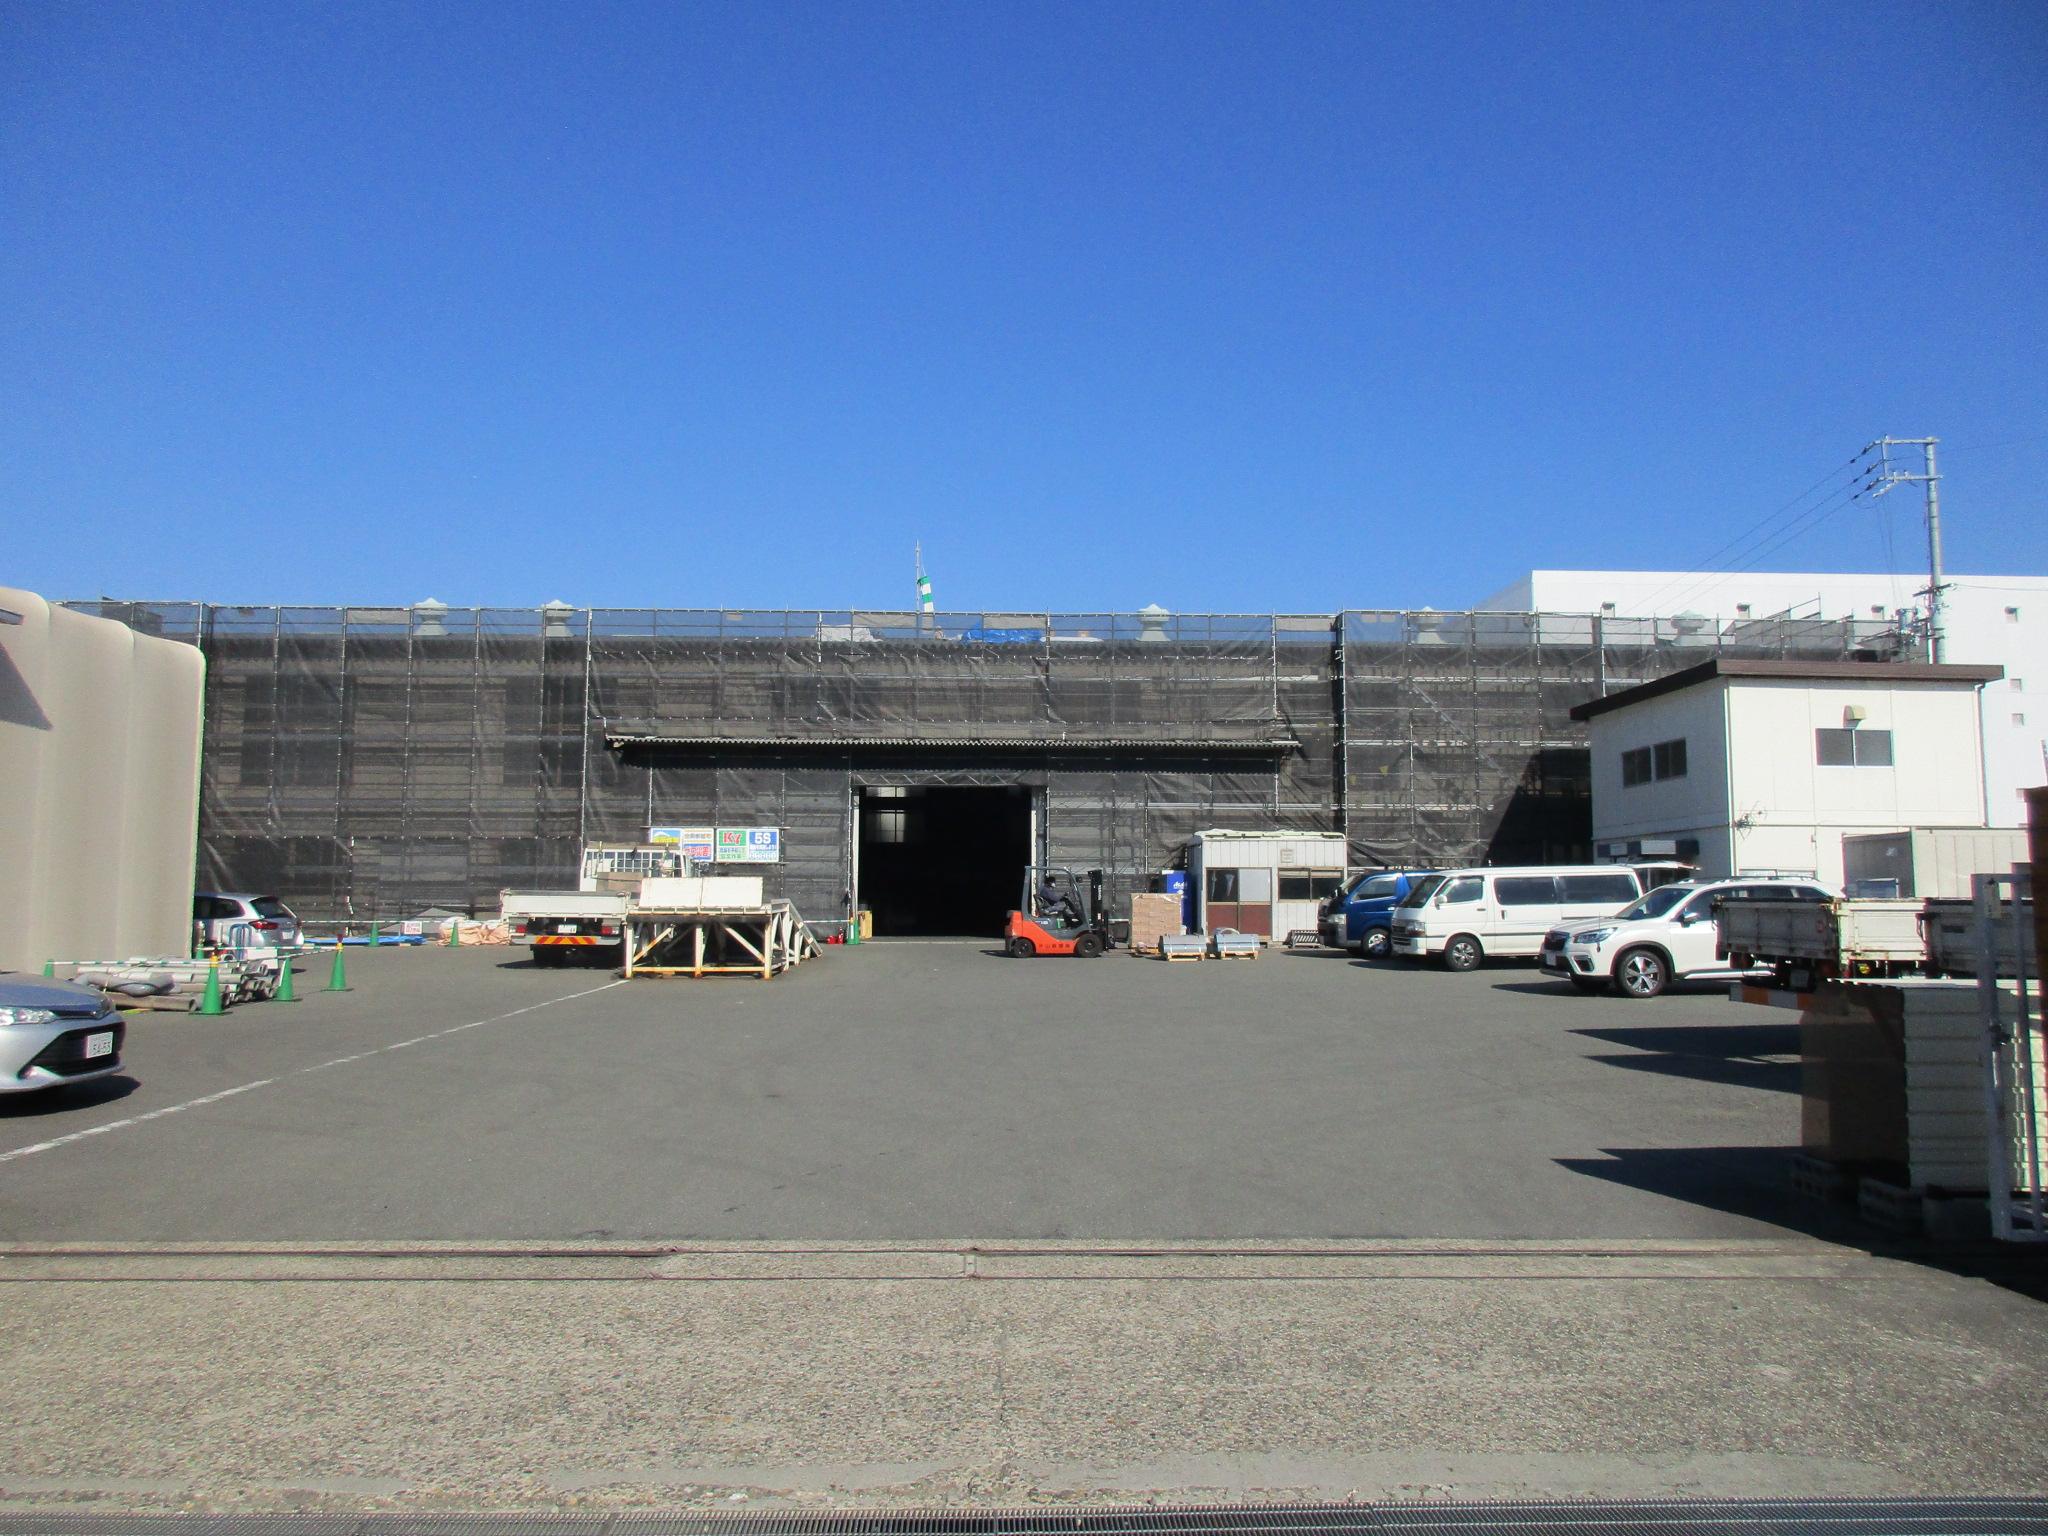 210126 倉庫屋根・外壁改修工事